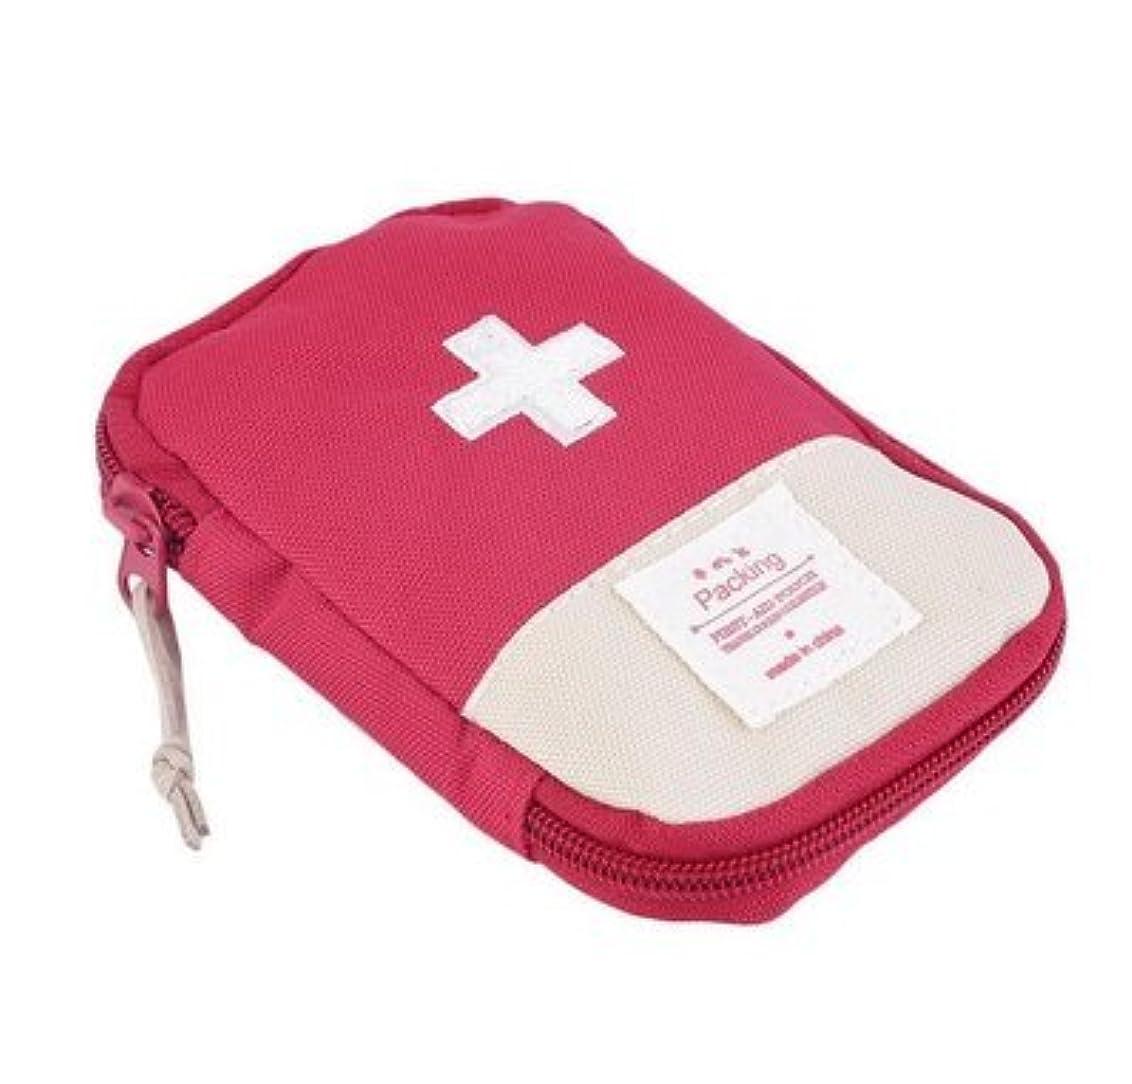 葉っぱできれば福祉メディカルポーチ ミニ救急箱 応急処置バッグ 軽量 携帯用救急箱